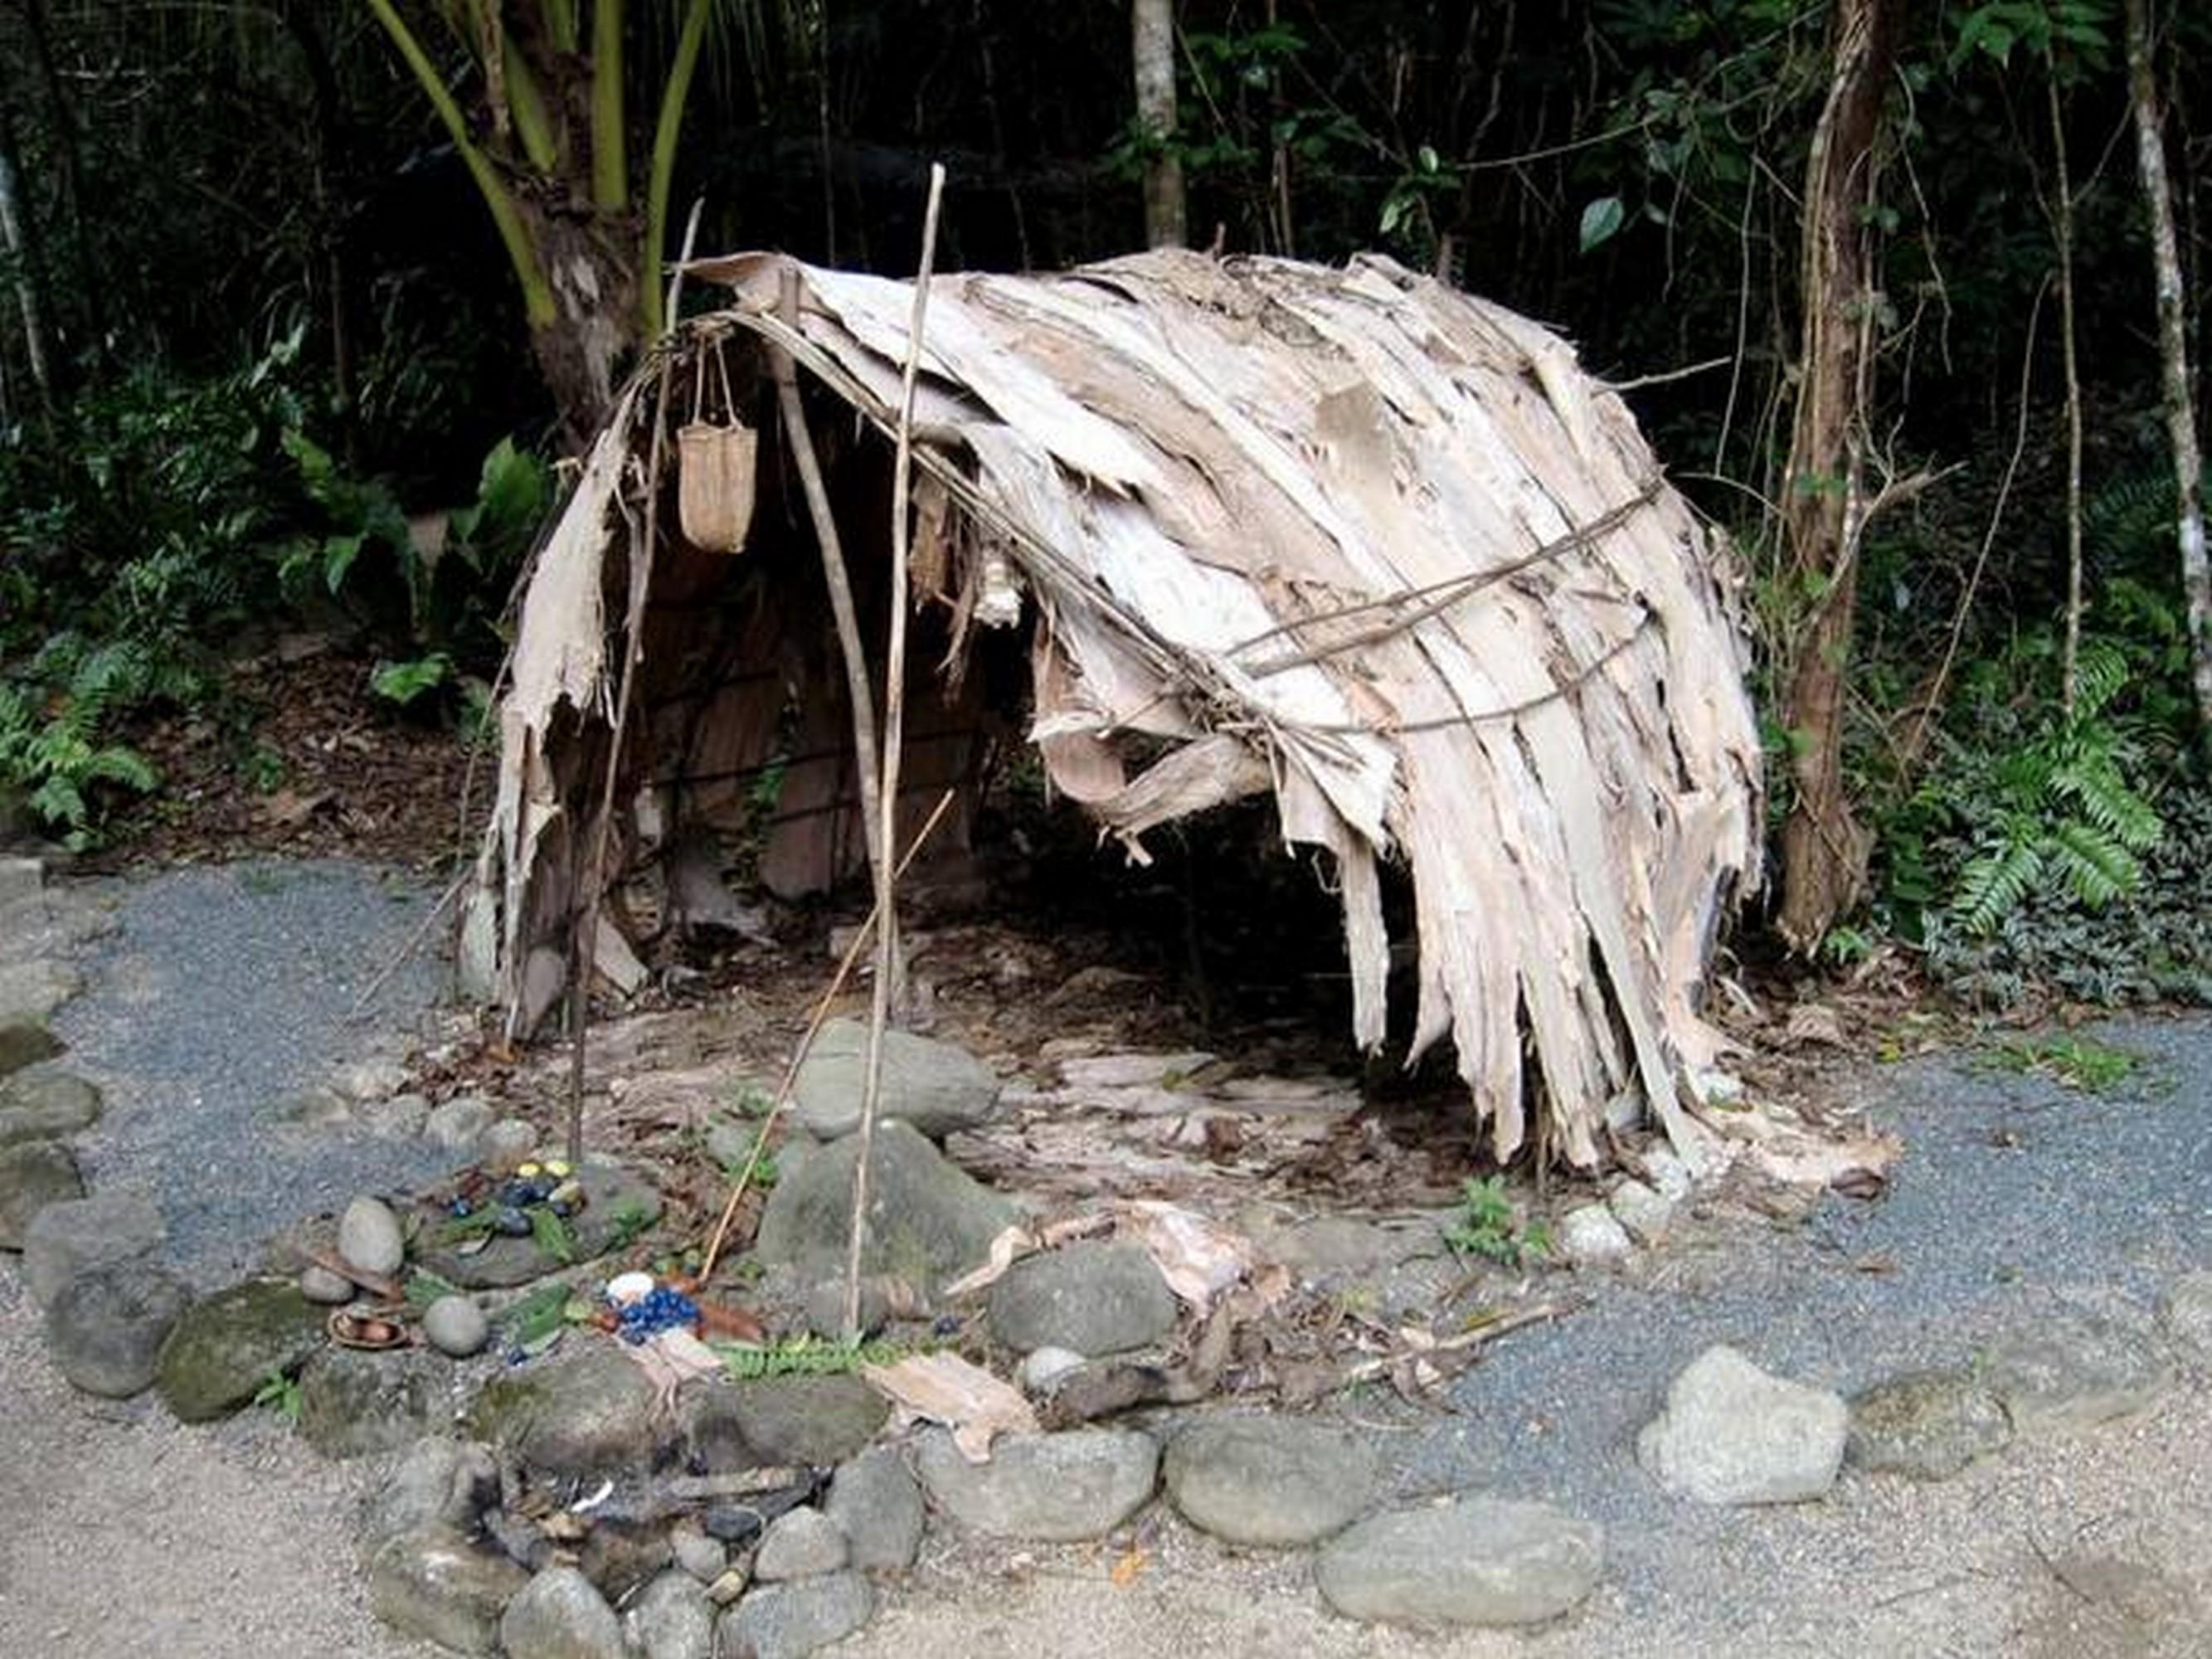 Жилище австралийского аборигена, реконструкция (flickriver.com).